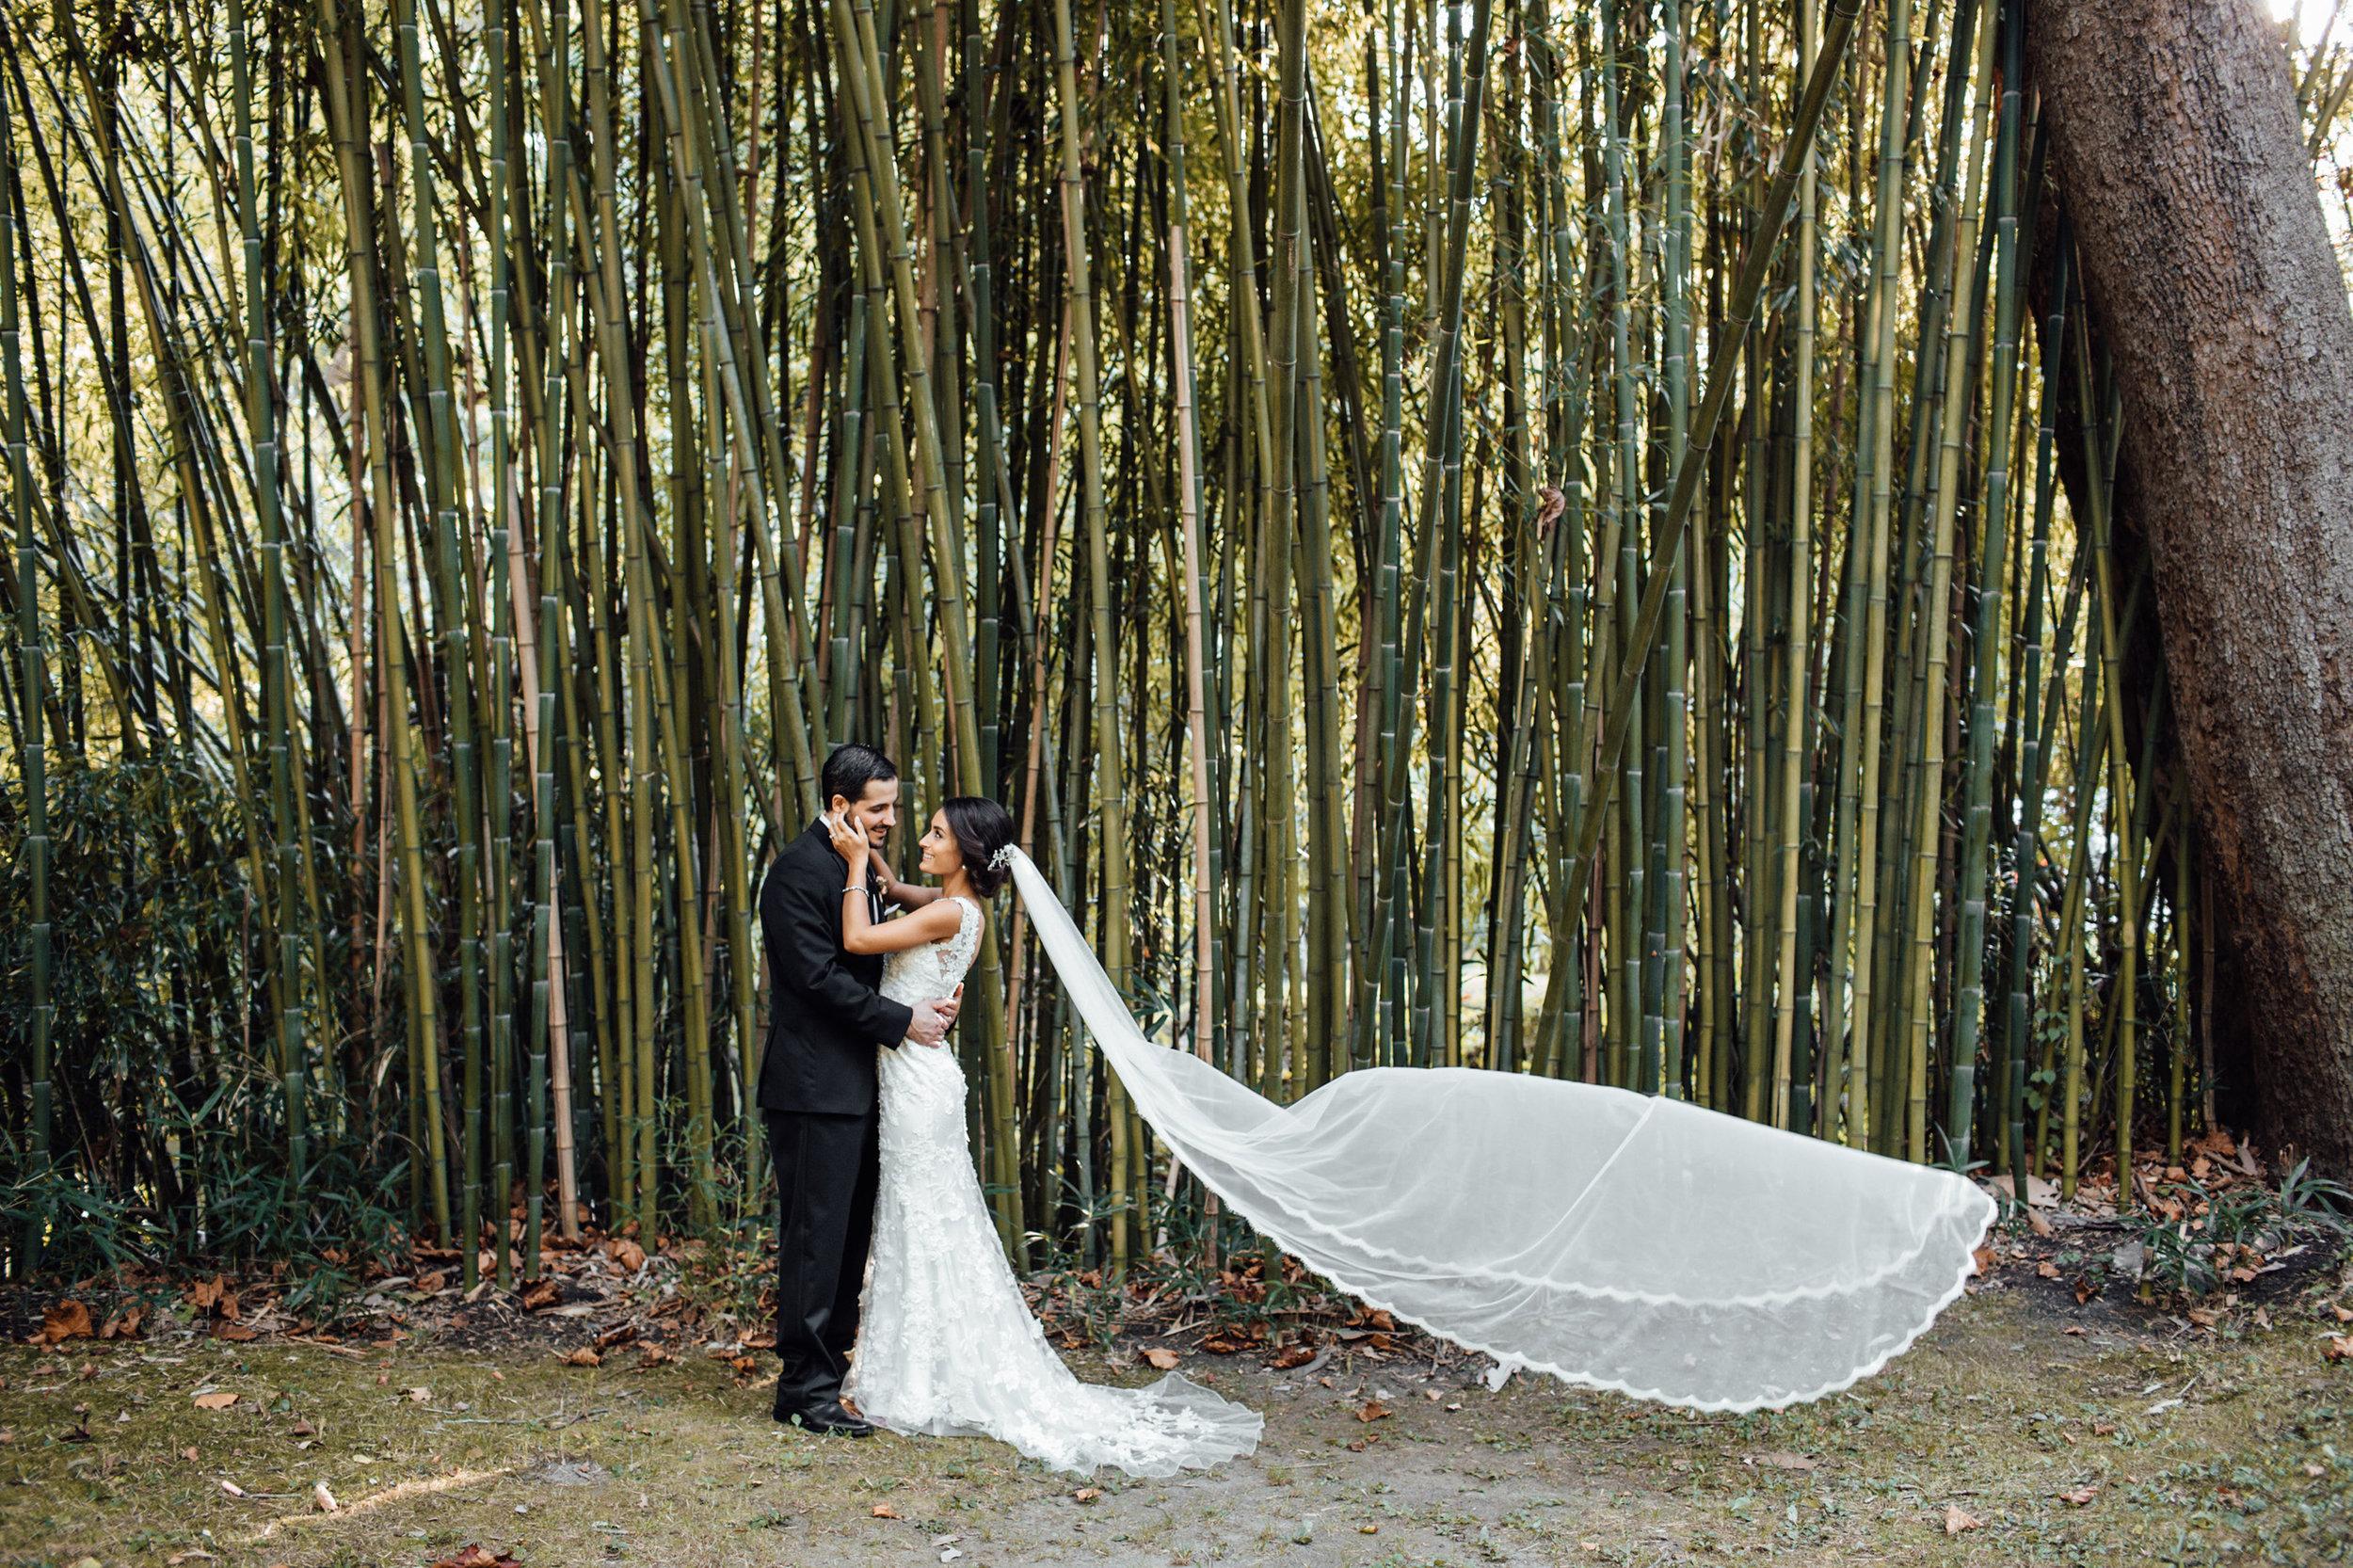 IESHAandSAL-bridegroom(71of180).jpg